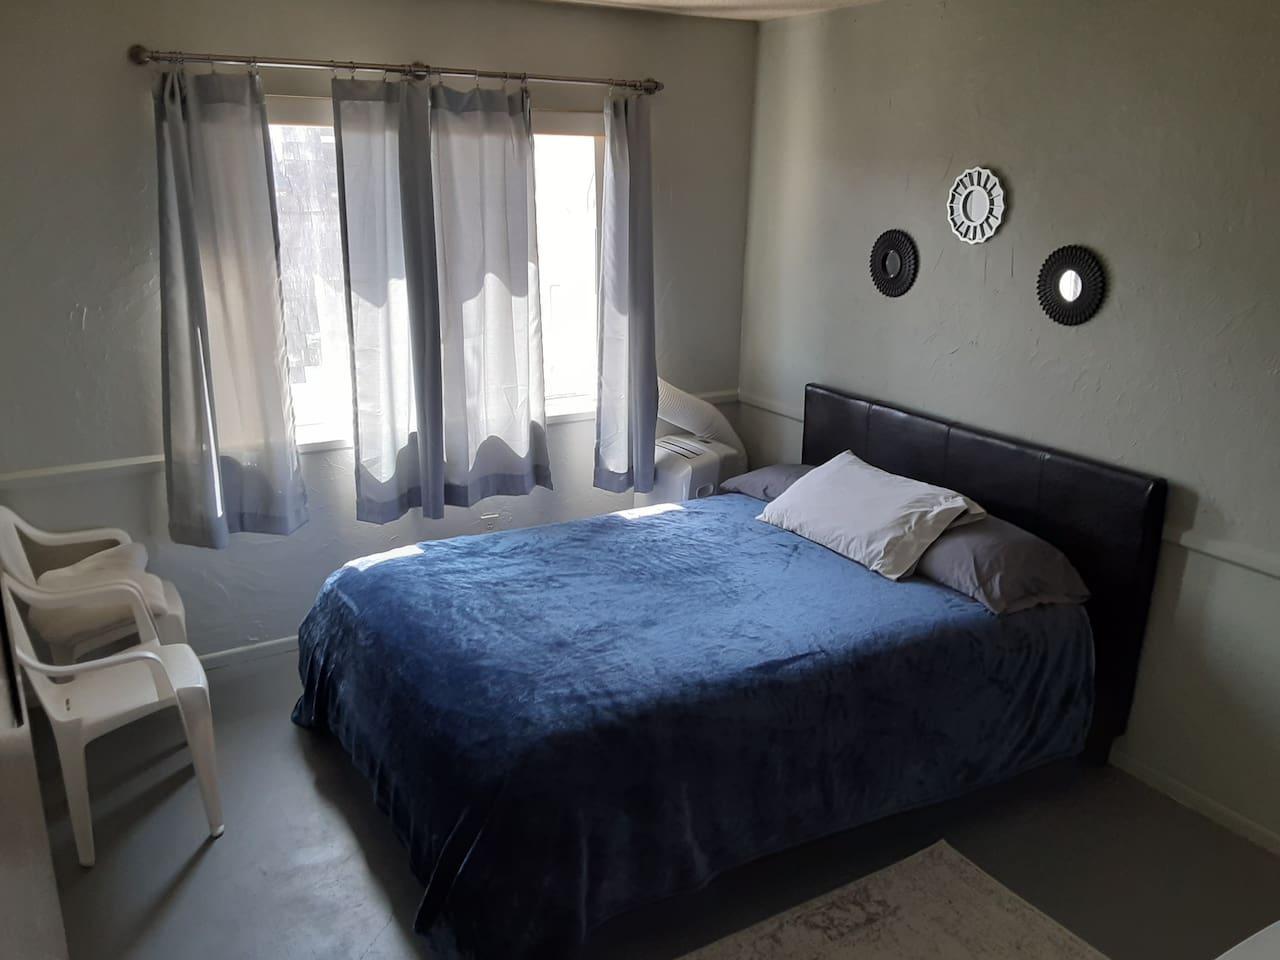 Room view from door